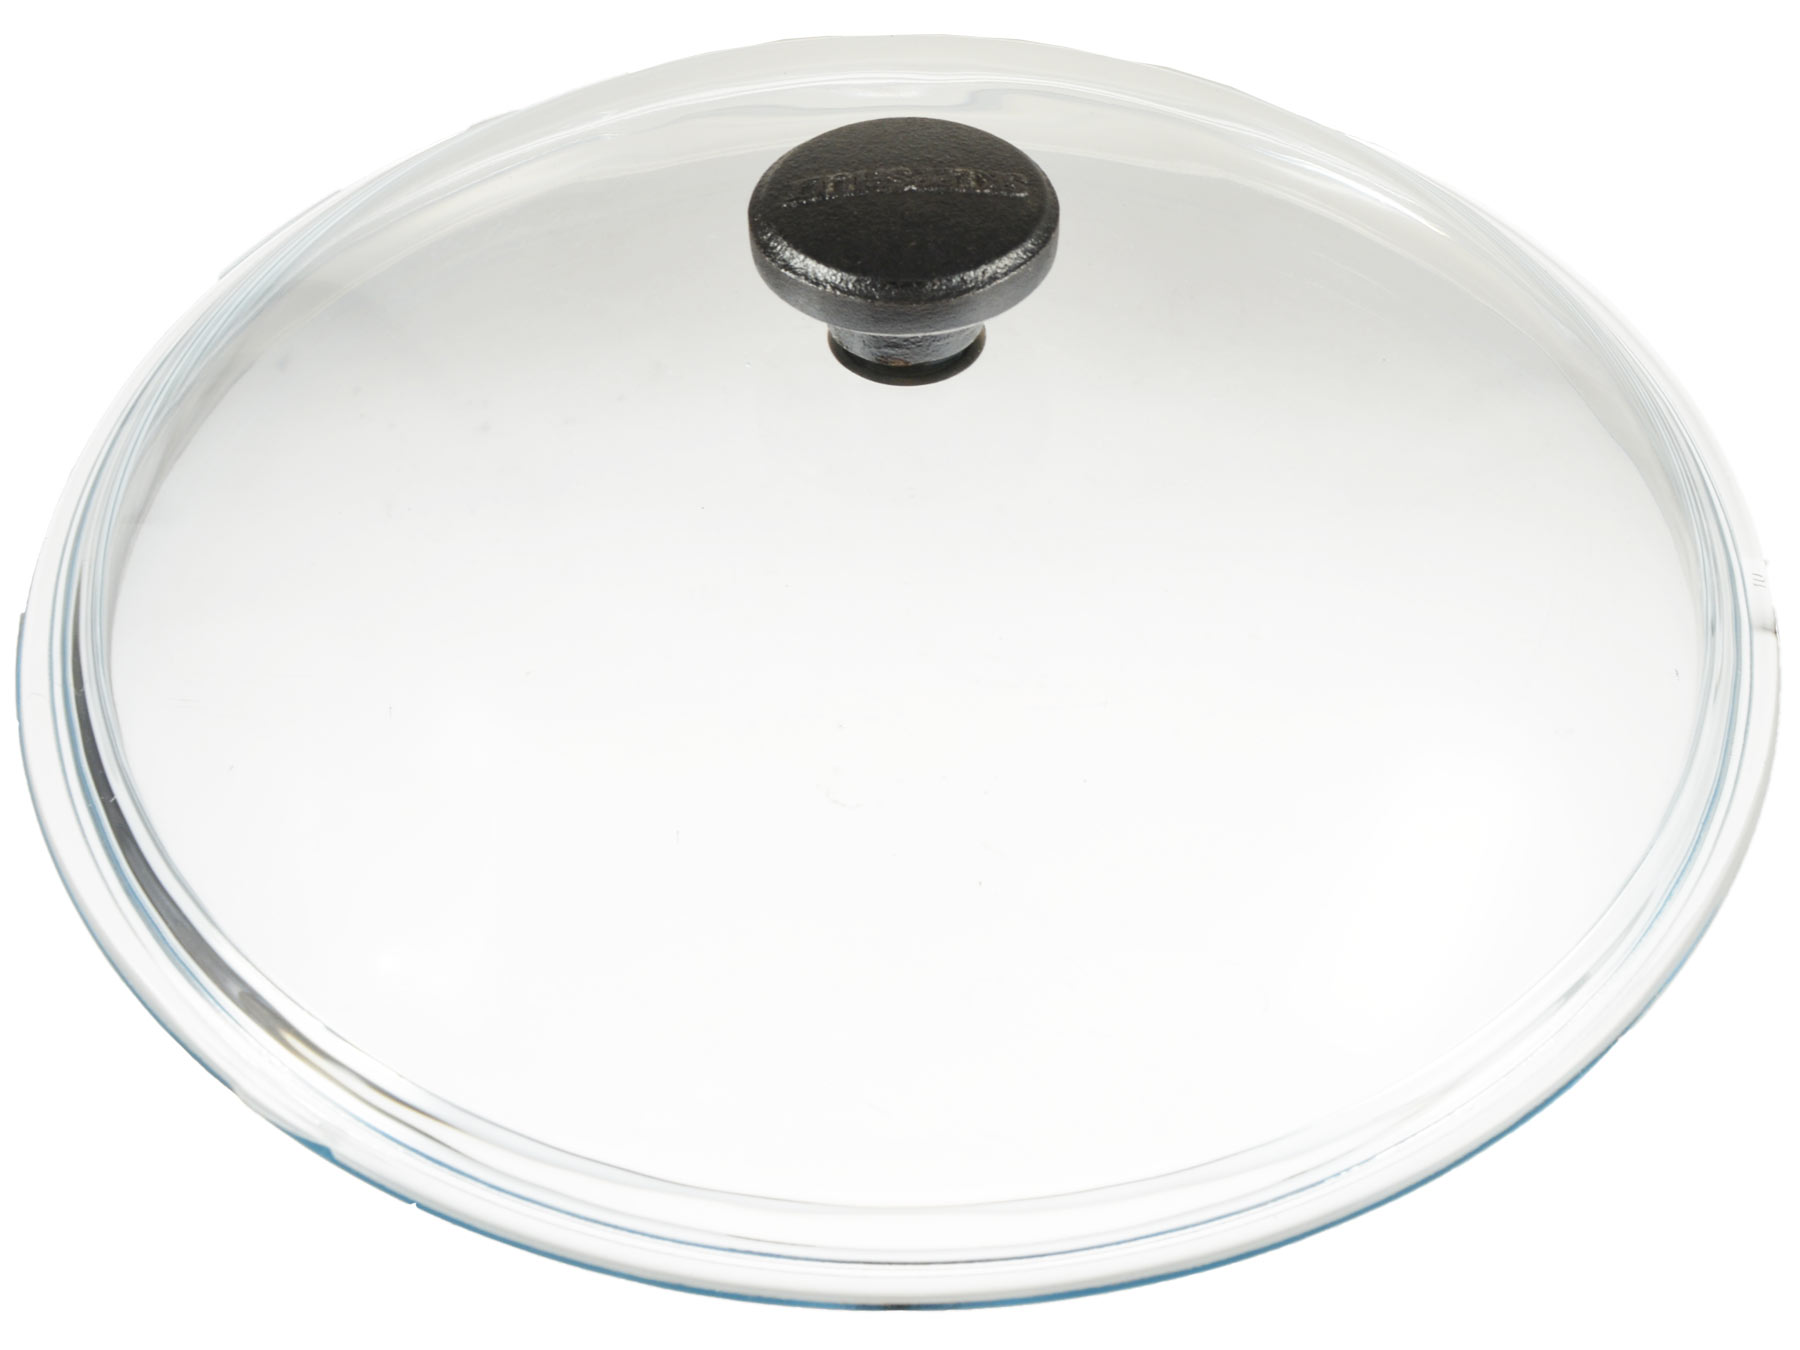 Skeppshult Glasdeckel mit Gusseisenknopf 0,9 Kg 25 cm